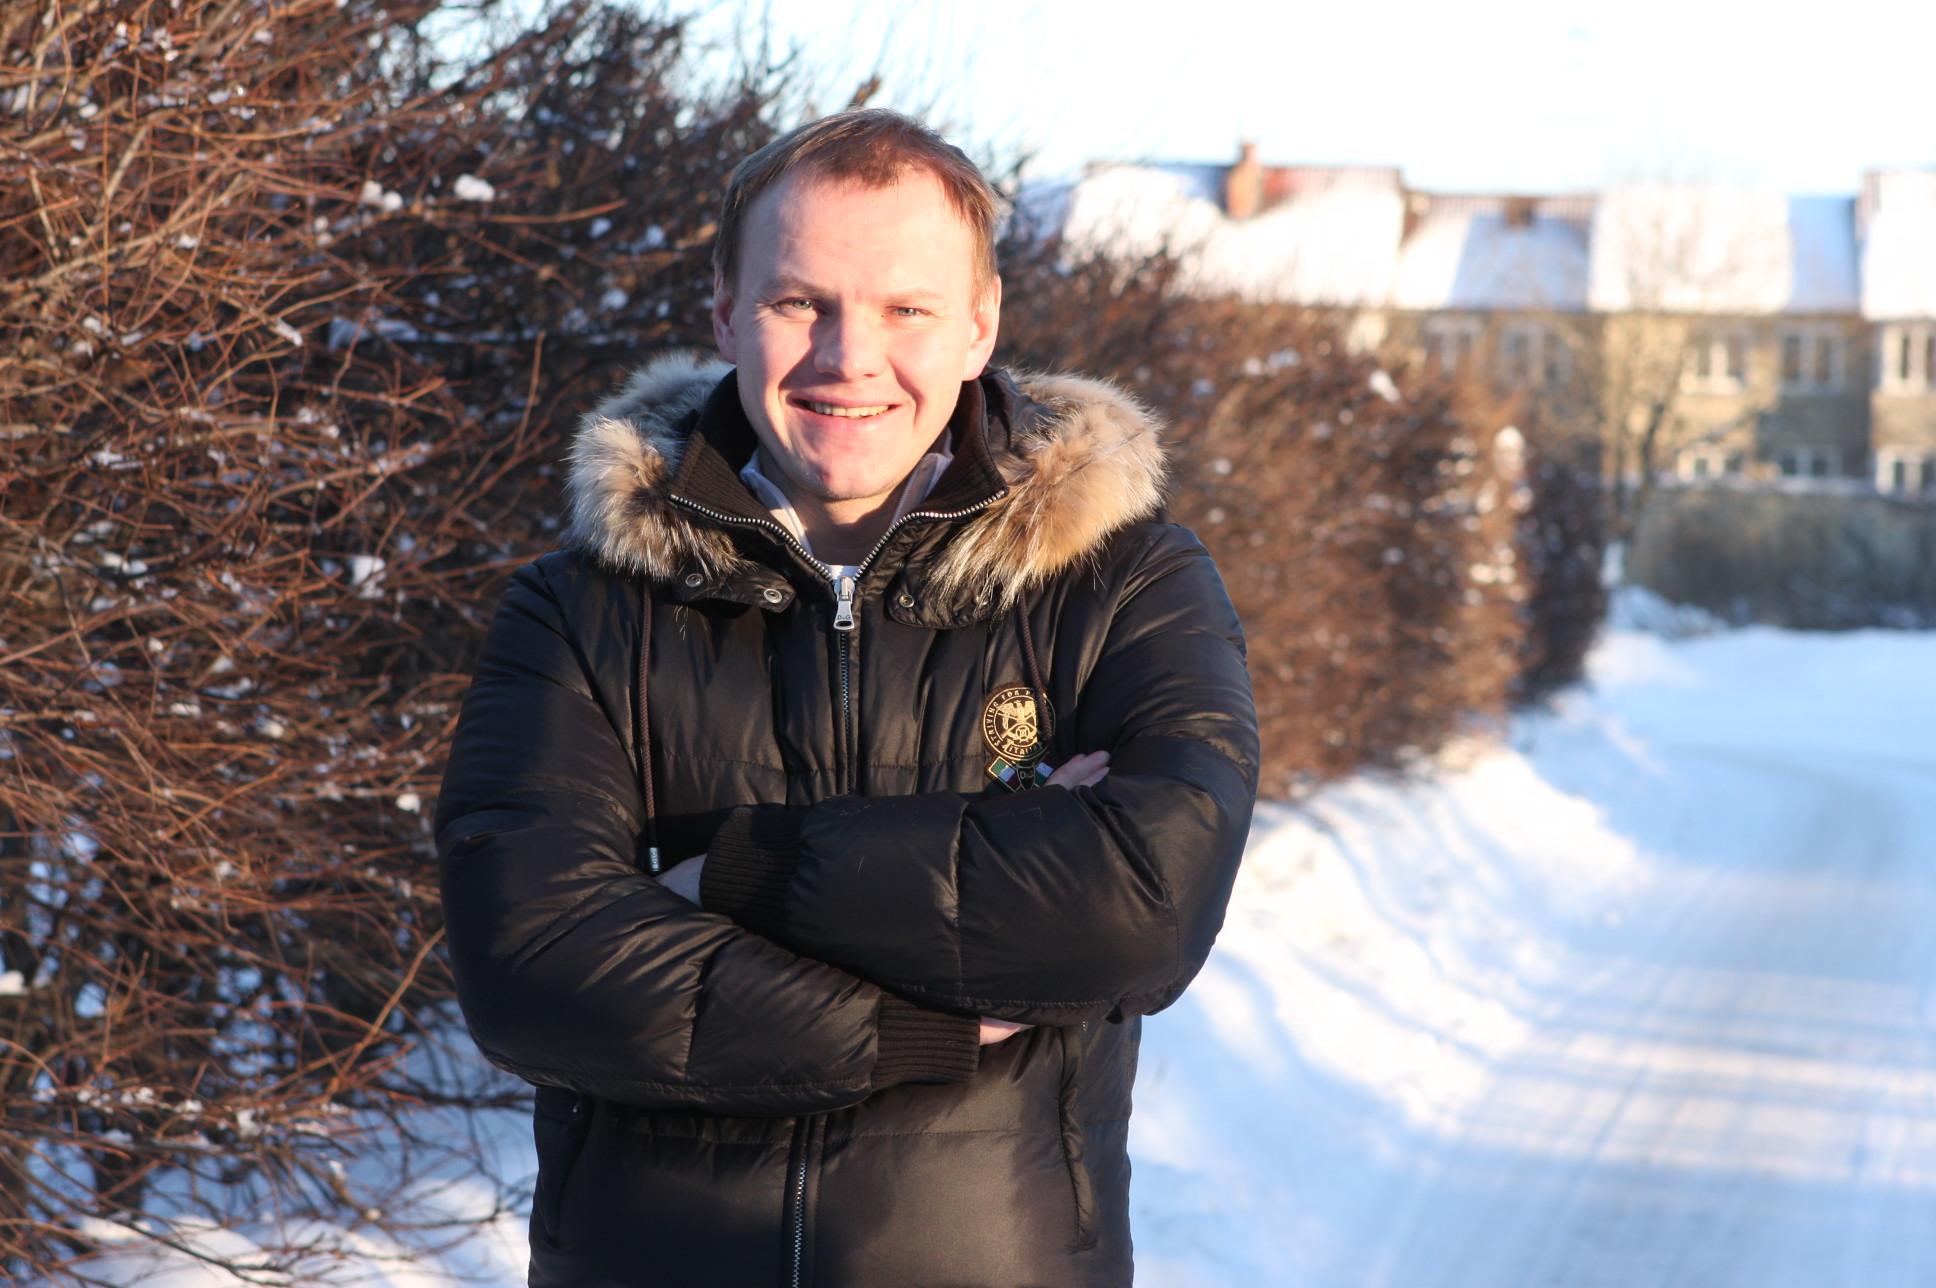 https://upload.wikimedia.org/wikipedia/commons/5/54/Alexey_Badyukov_3.JPG